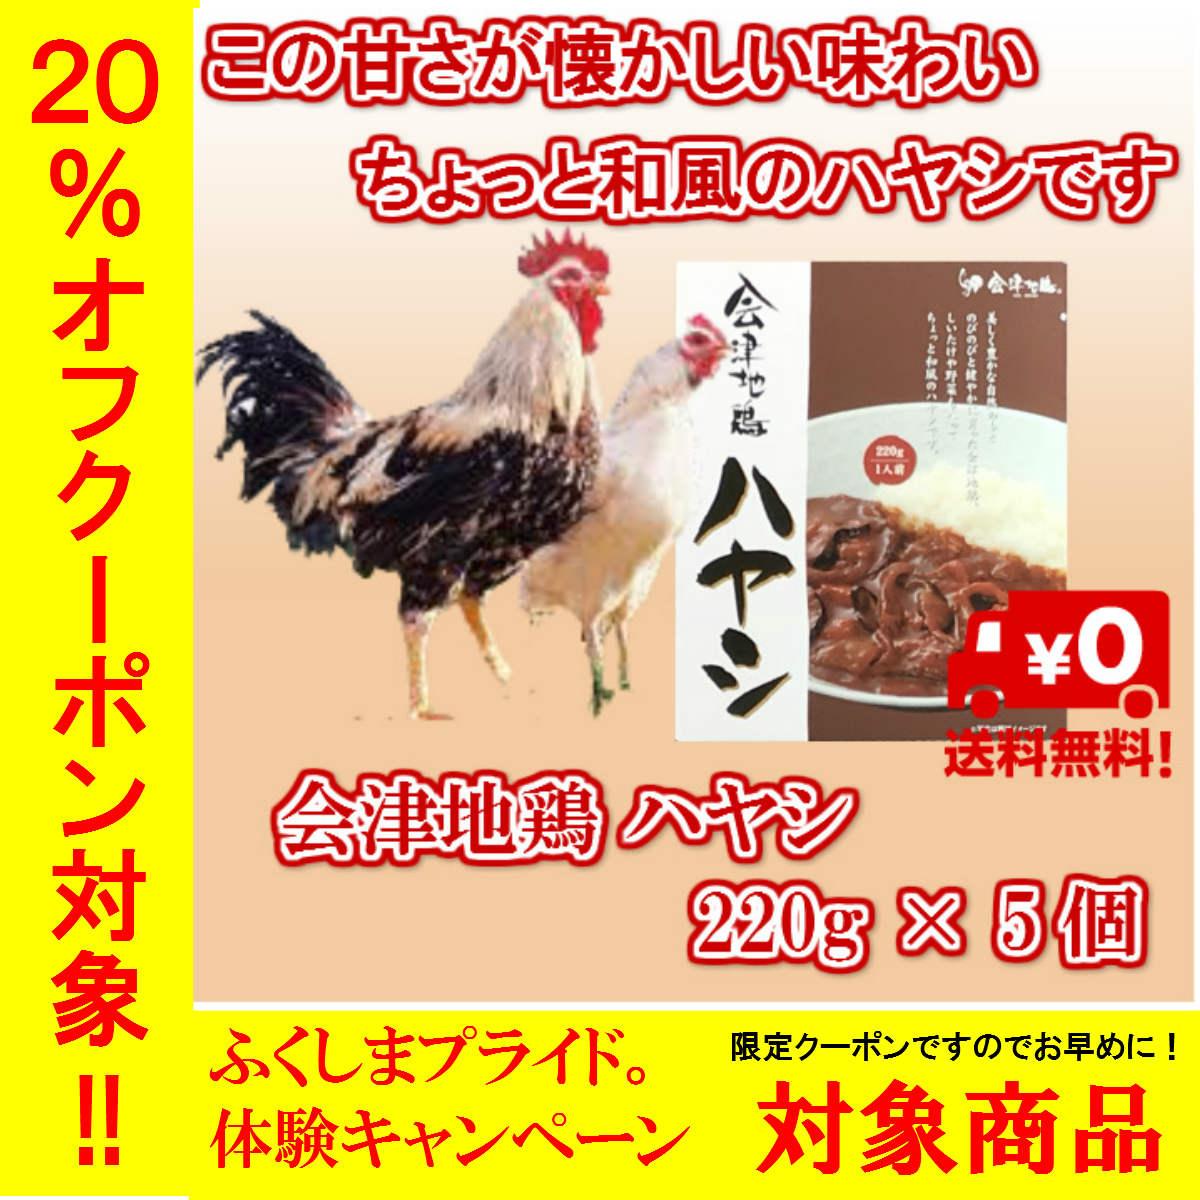 会津地鶏 ハヤシ ハヤシライス レトルト ルー 詰合せ 会津地鶏ネット 送料無料 220g x 5個 ふくしまプライド